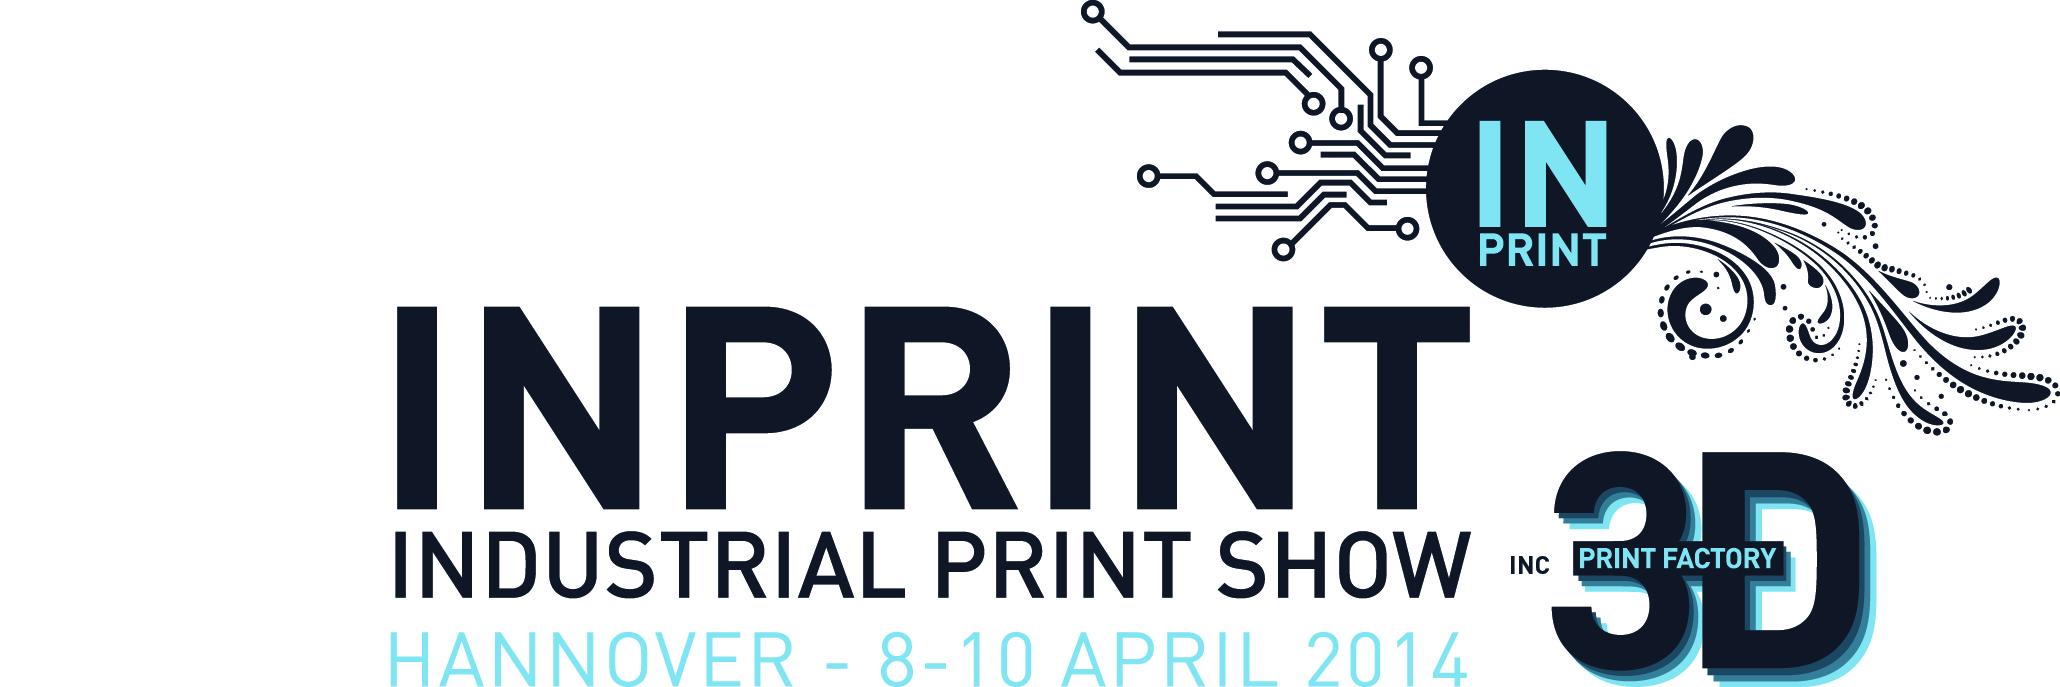 Inprint_logo_3D_Dates.jpg